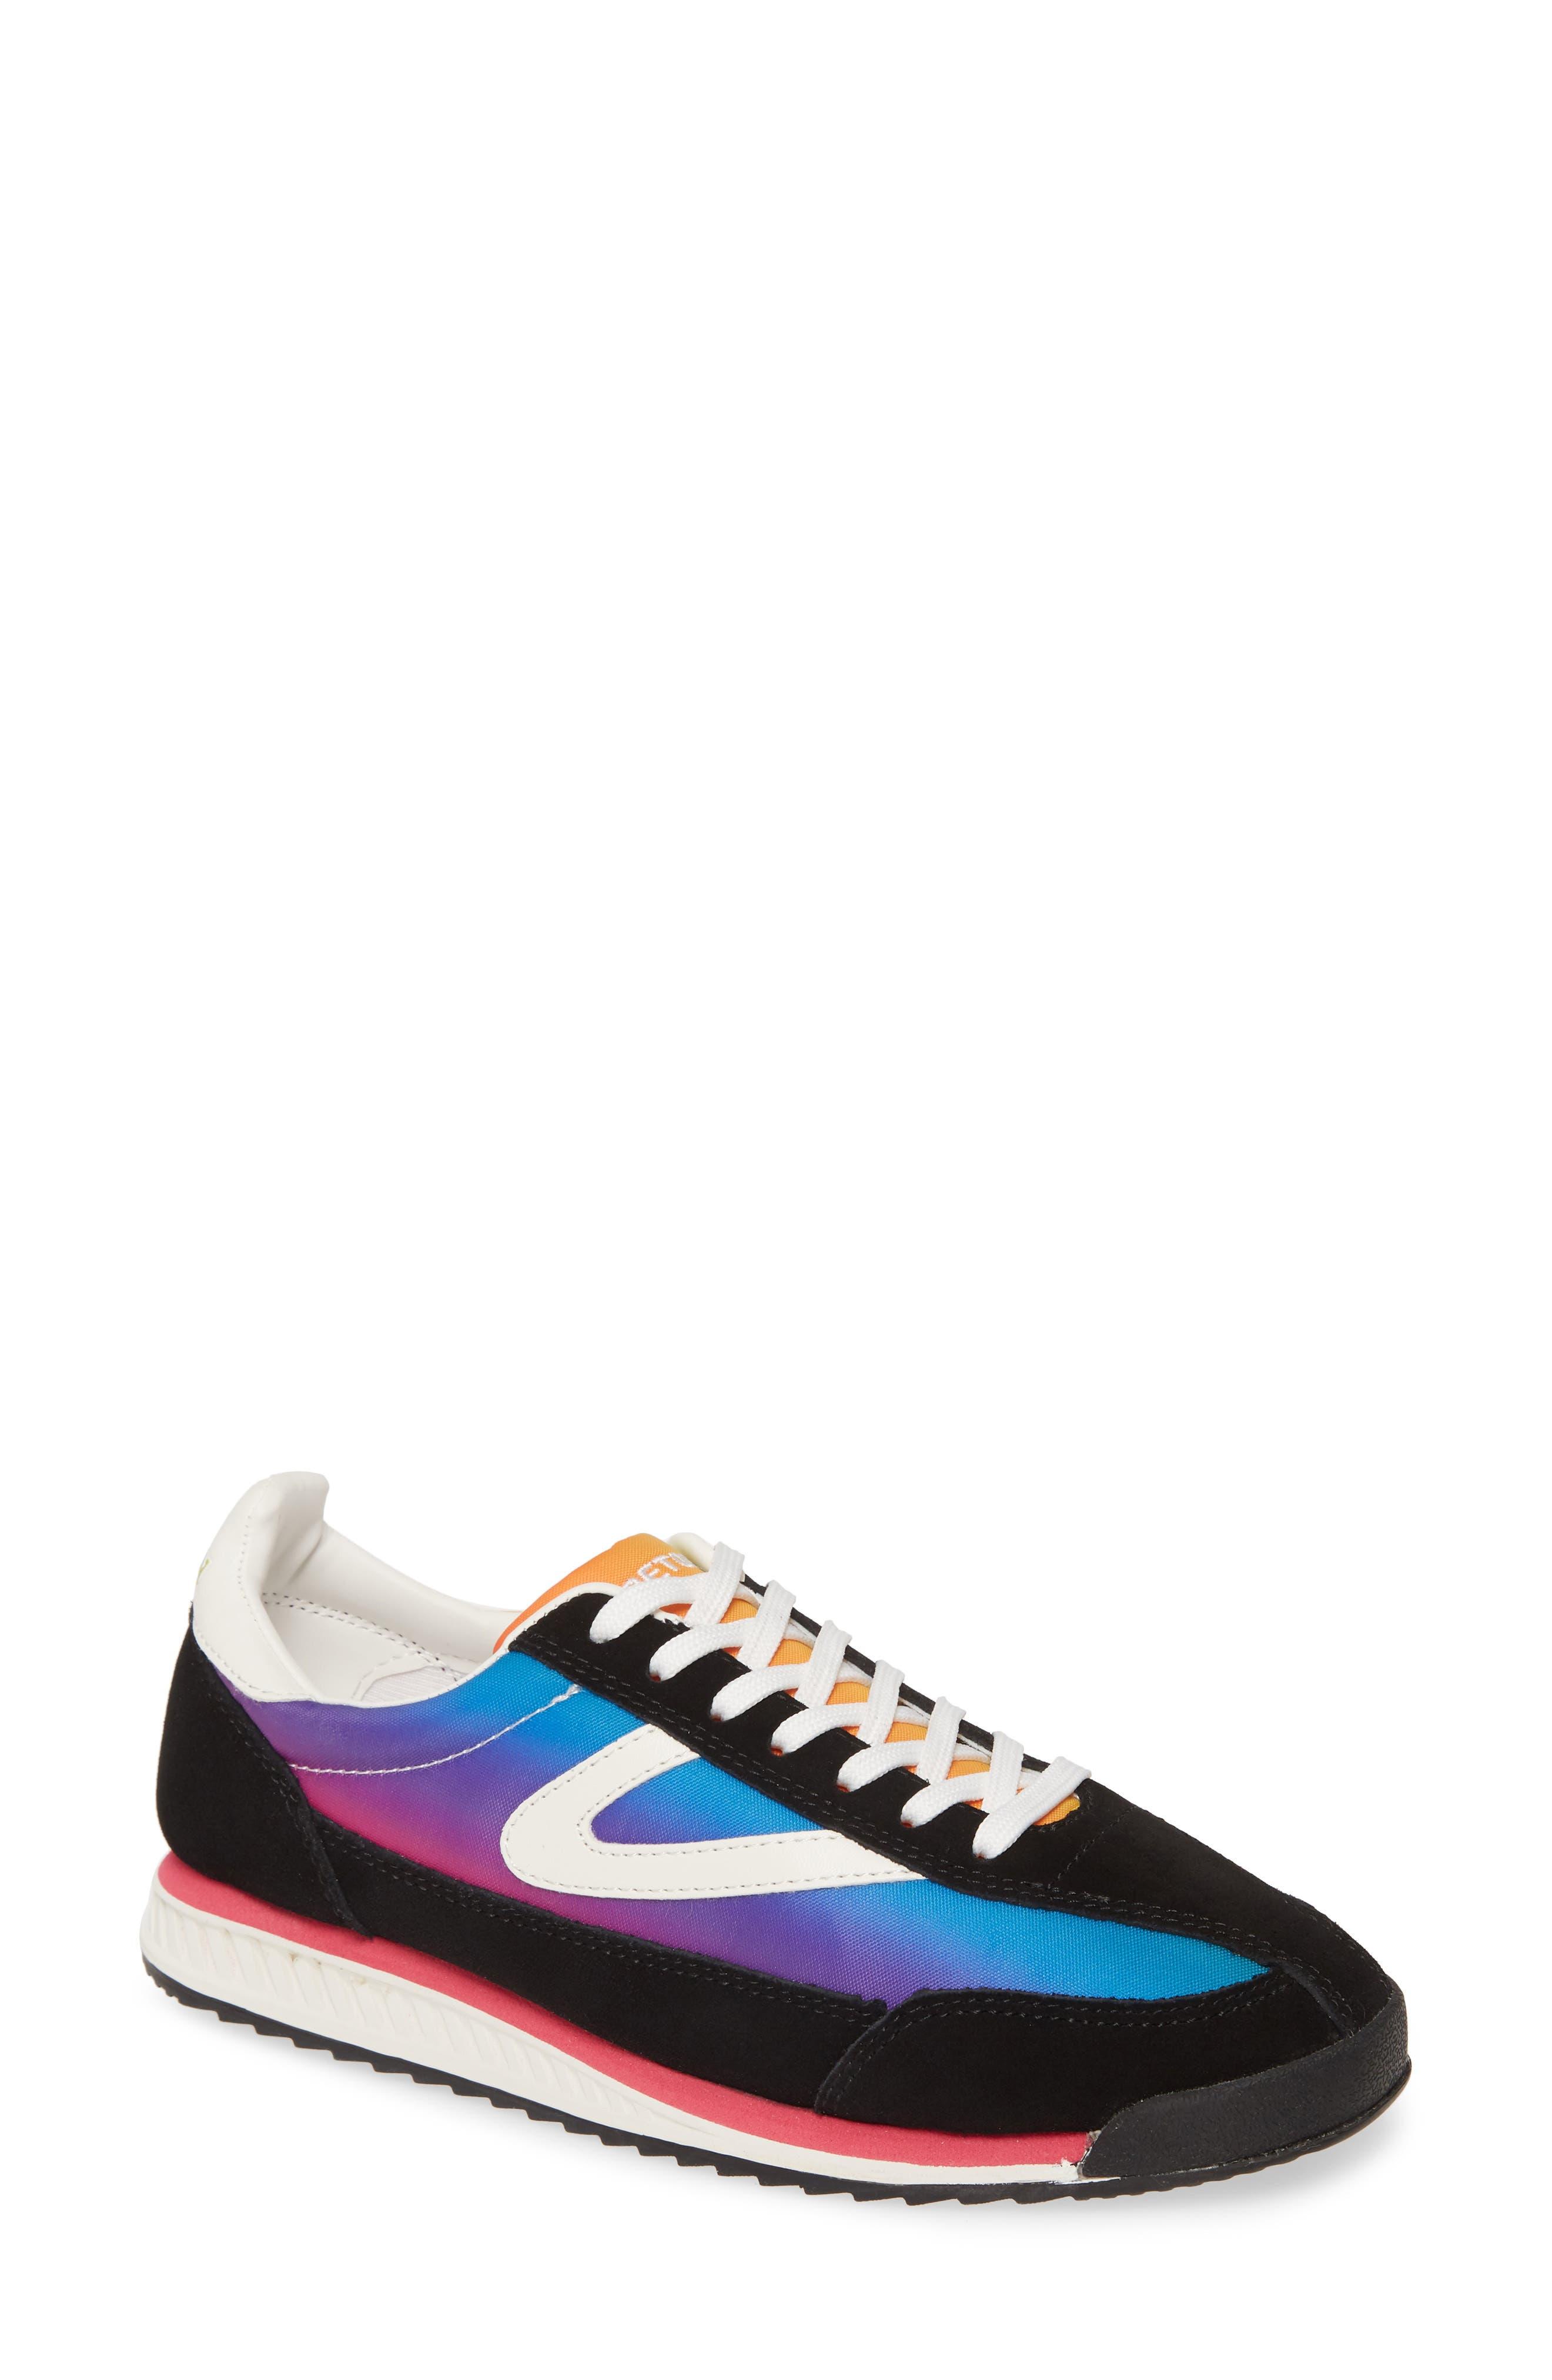 Tretorn Rawlins 2 Sneaker (Women